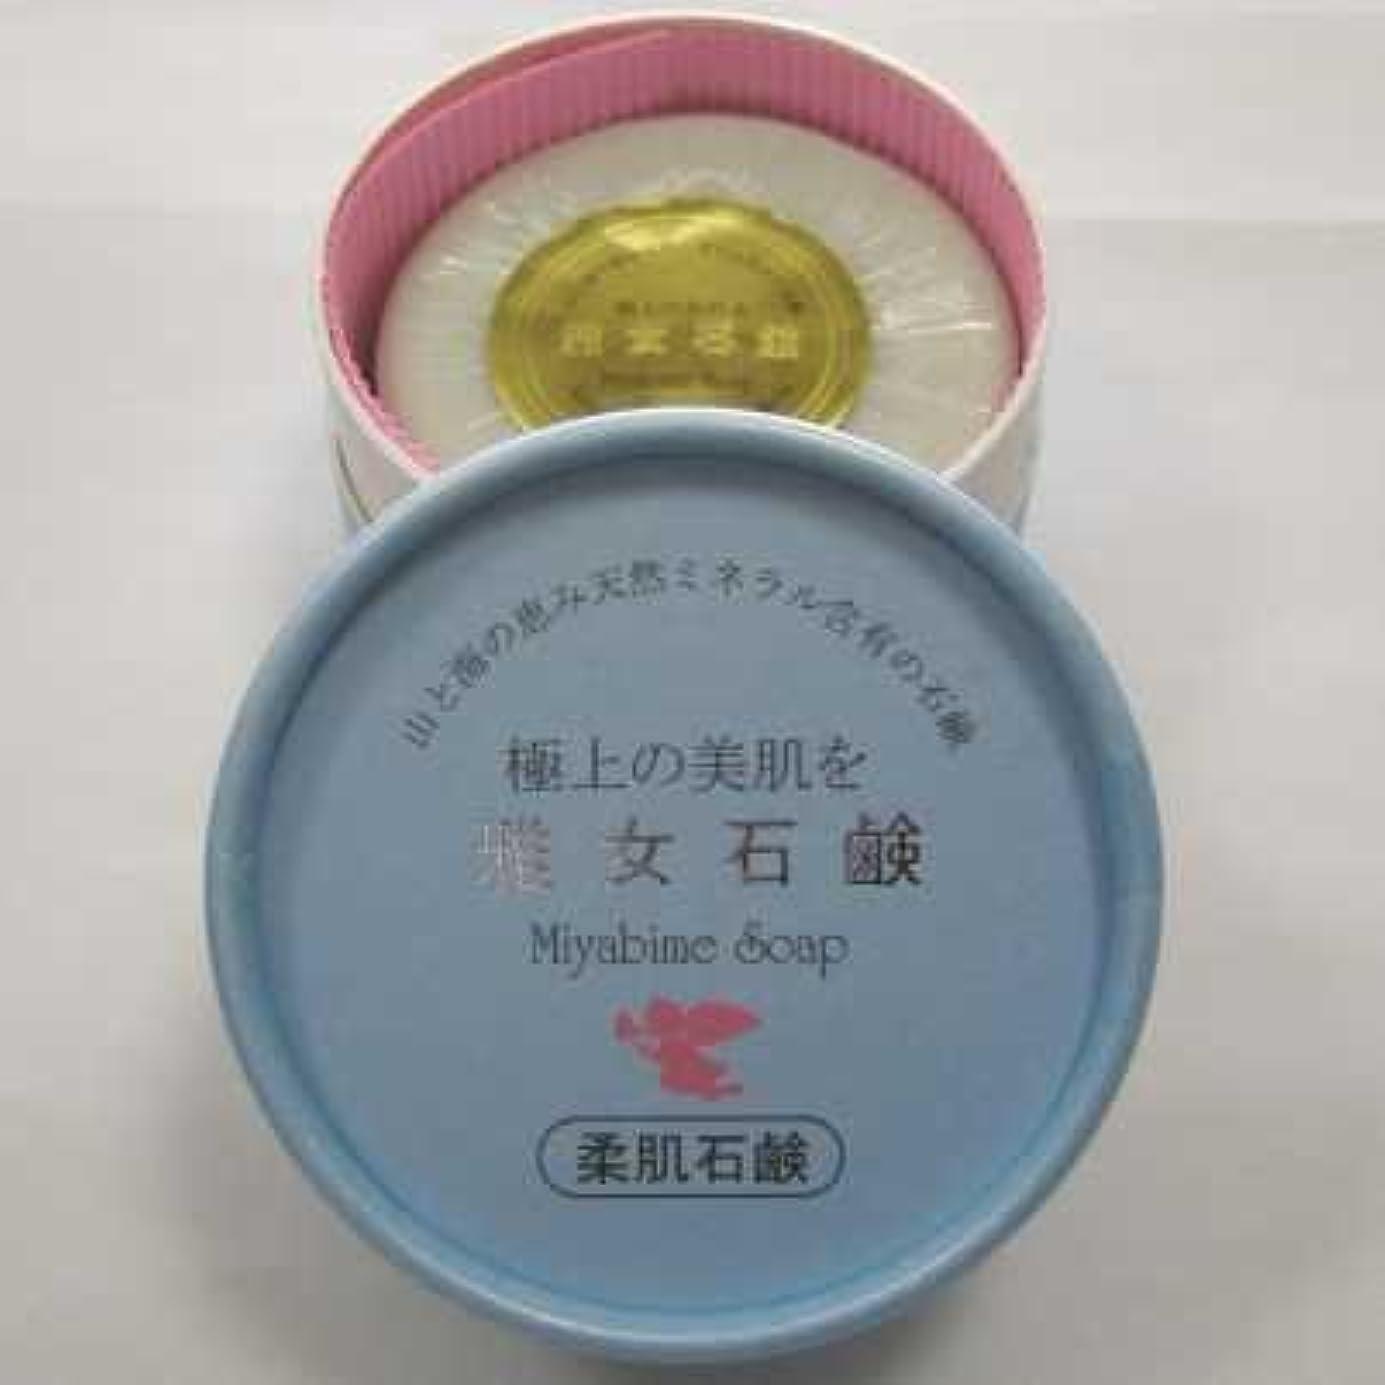 テストに変わるホイスト雅女石鹸(Miyabime Soap)